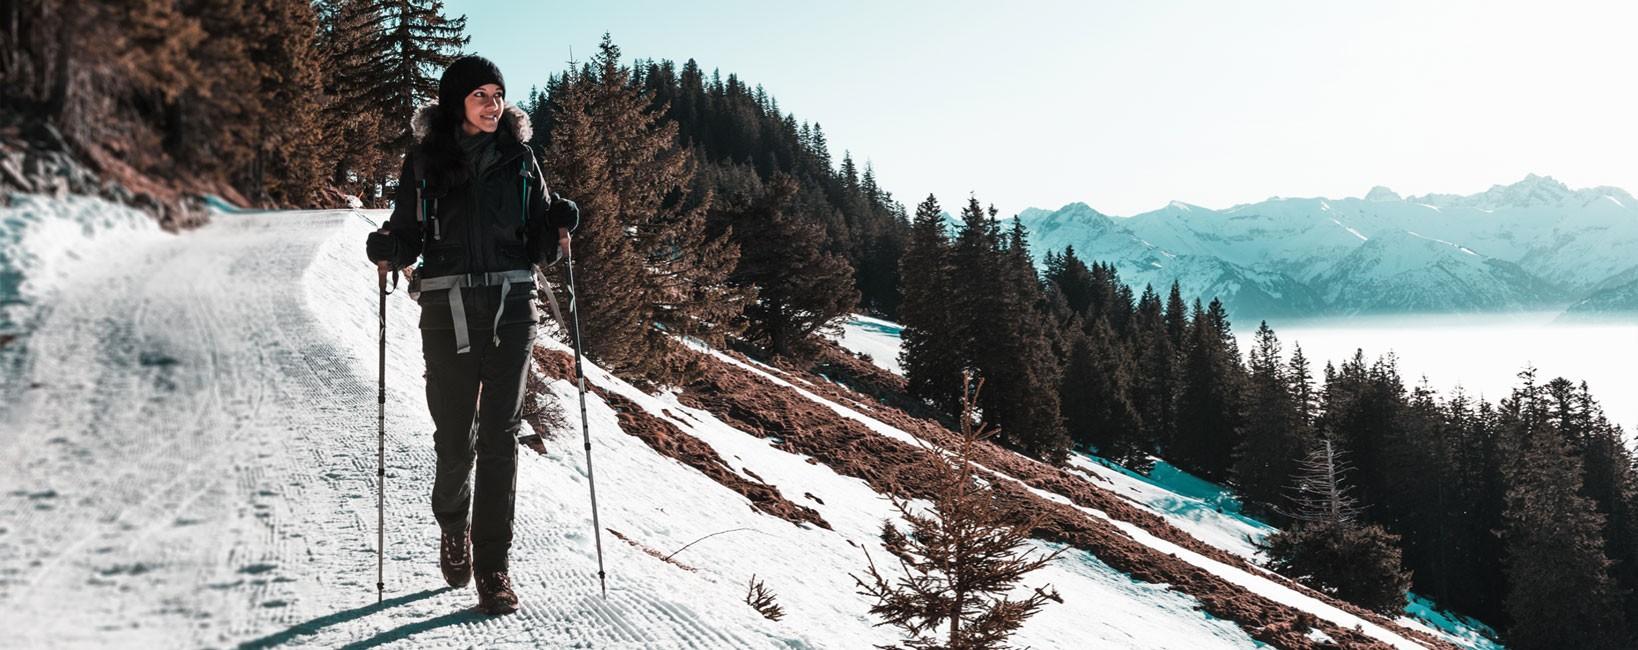 Wanderhotels & -gastgeber in Berchtesgaden - Winter